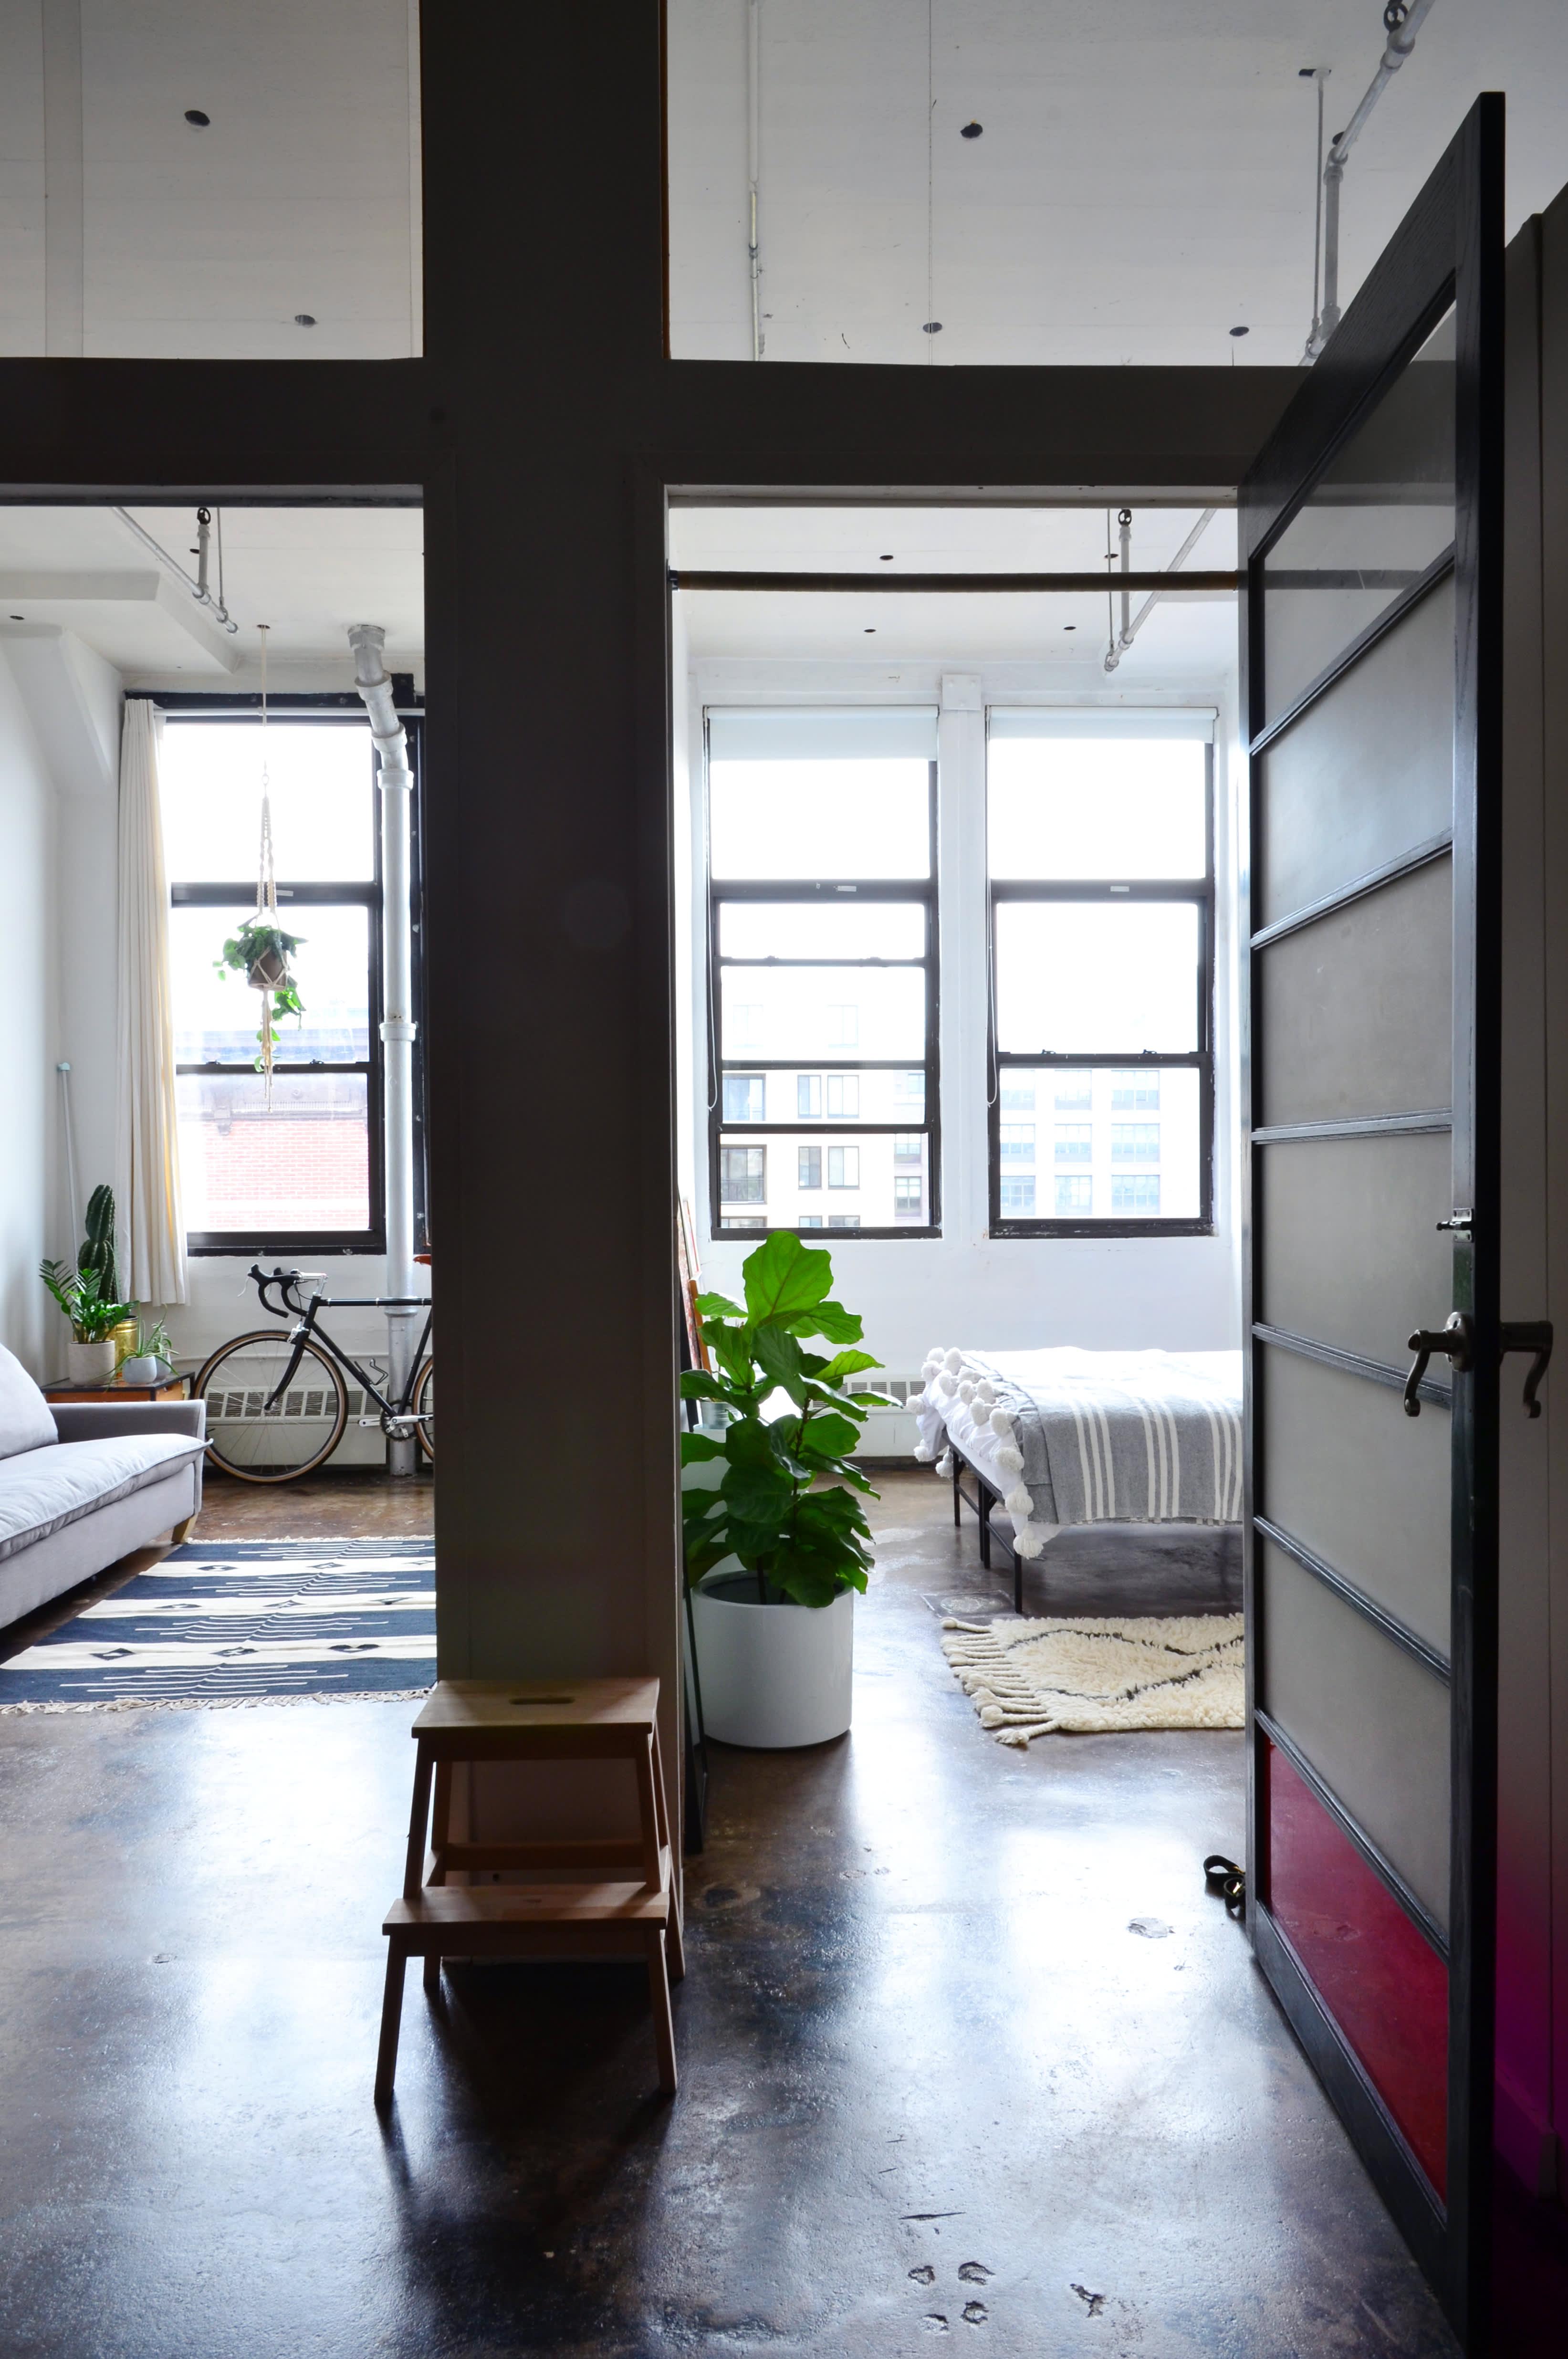 House Tour: An Artist's Industrial Modern NYC Loft